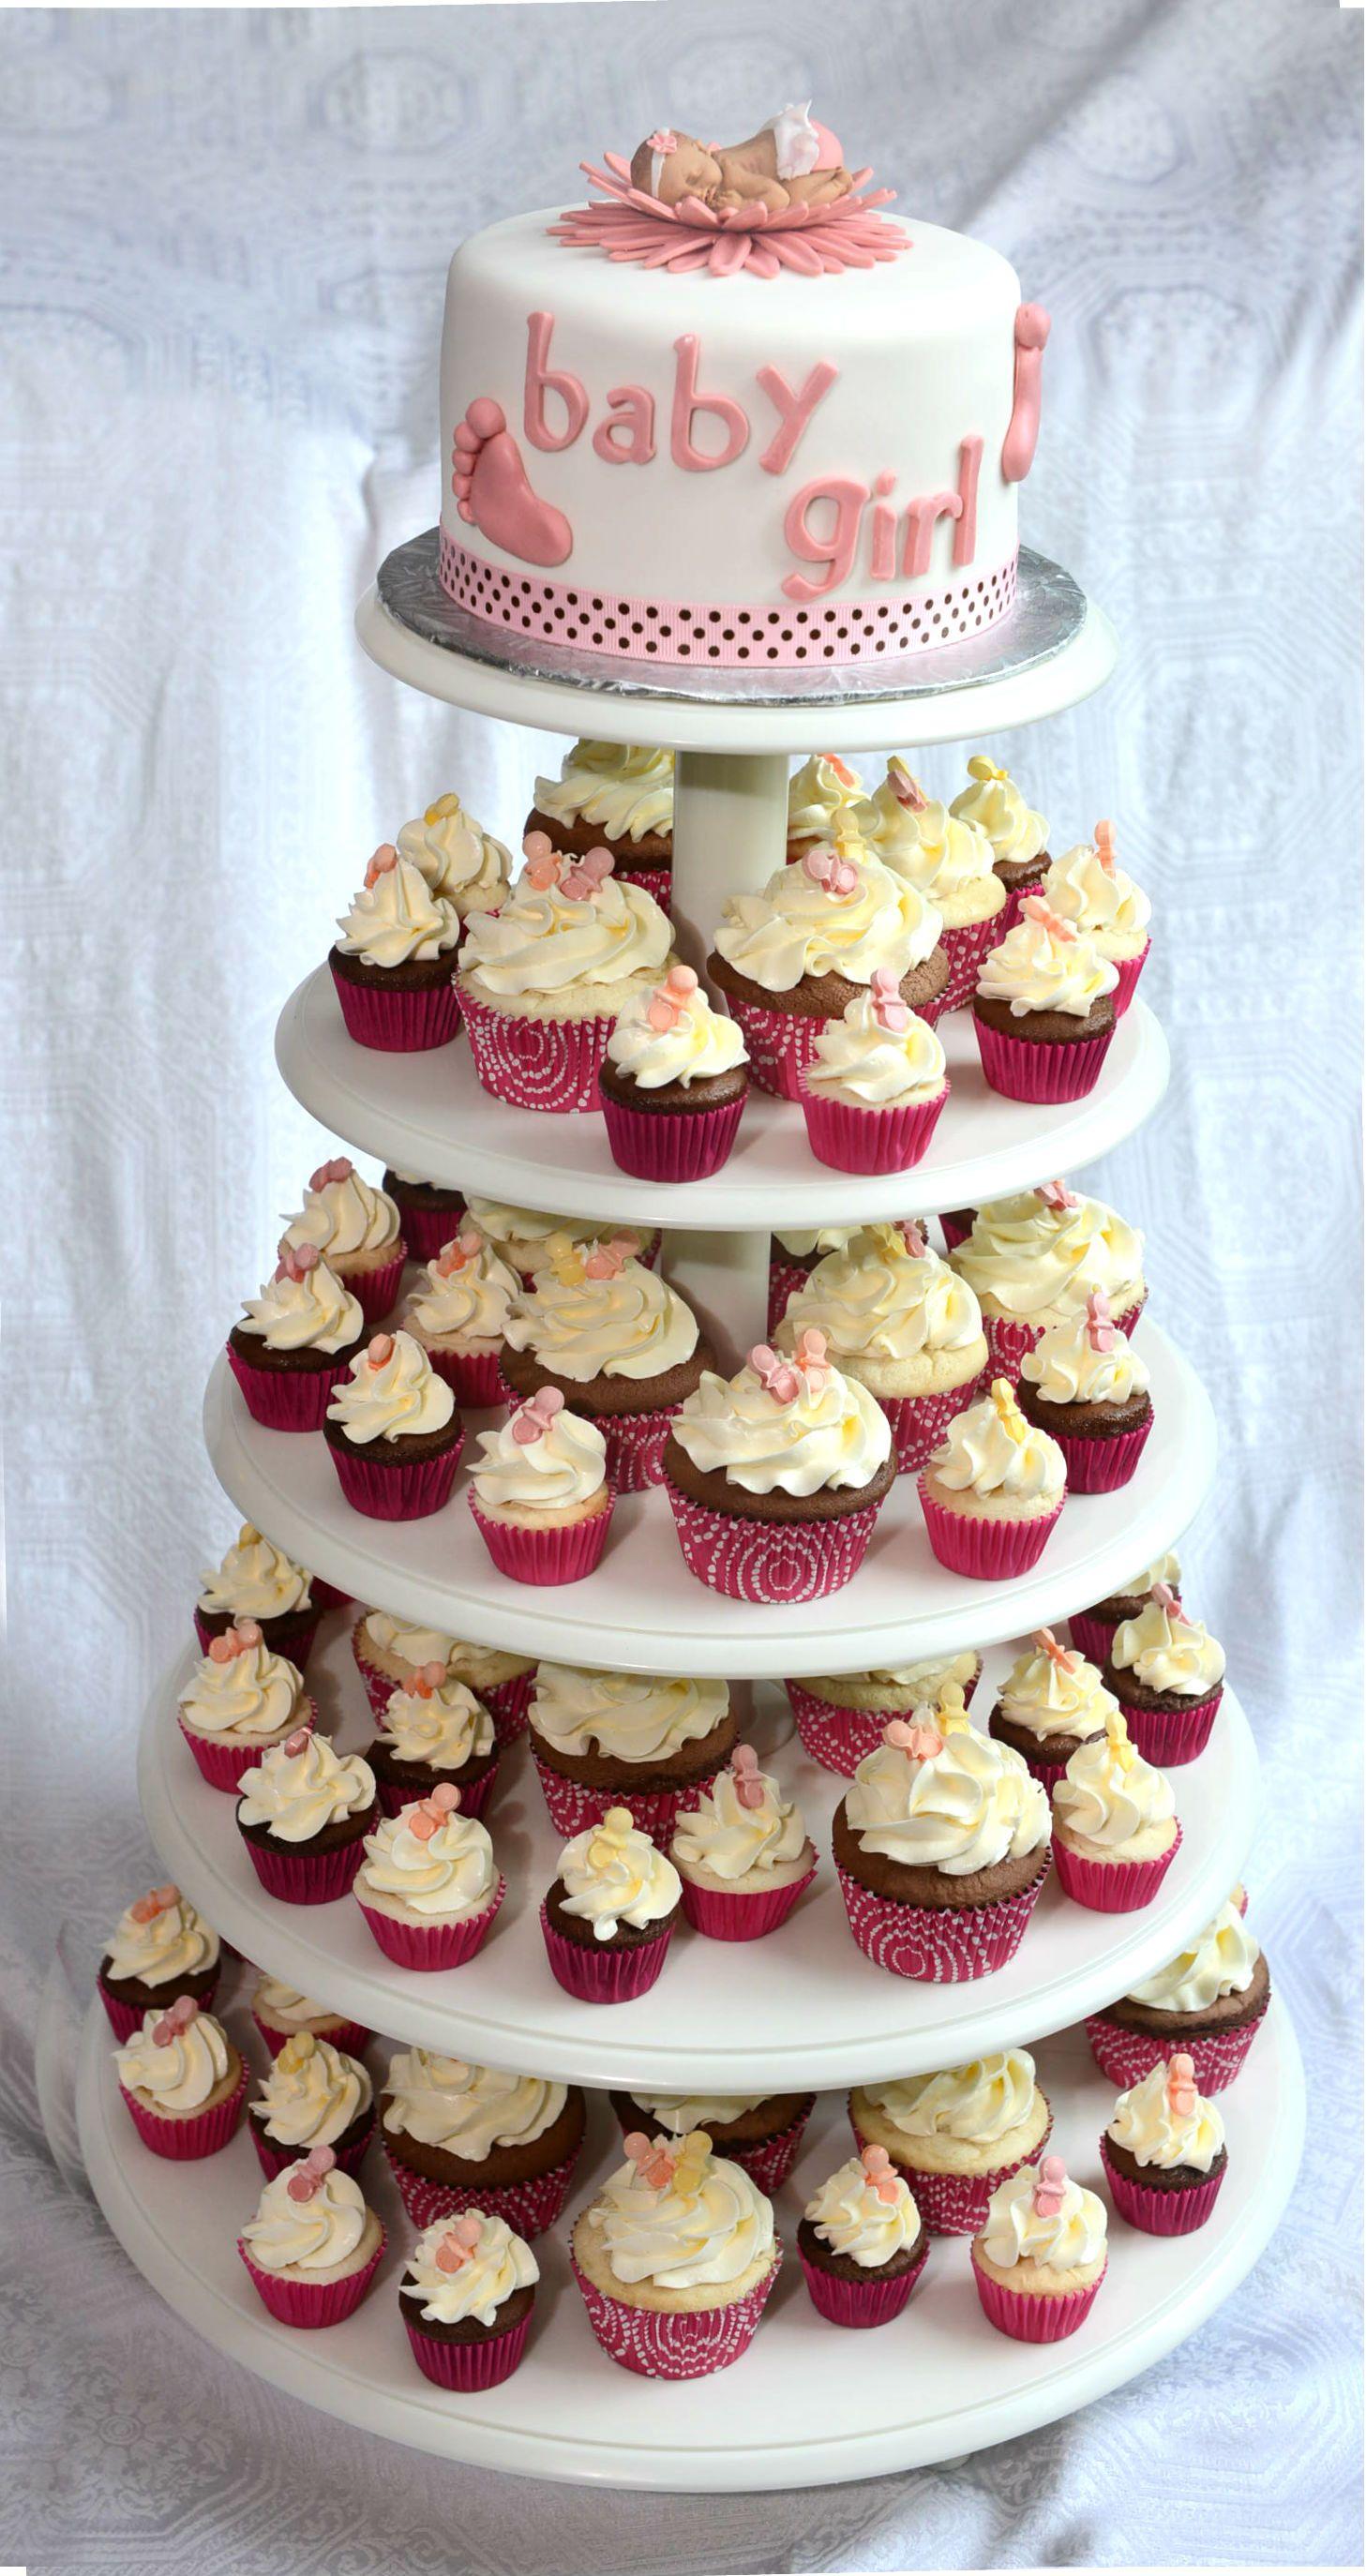 30 cupcakes 15 vanille 15 chocolat et 48 mini cupcakes 24 vanille et 24 chocolat - Decoration gateau suisse ...